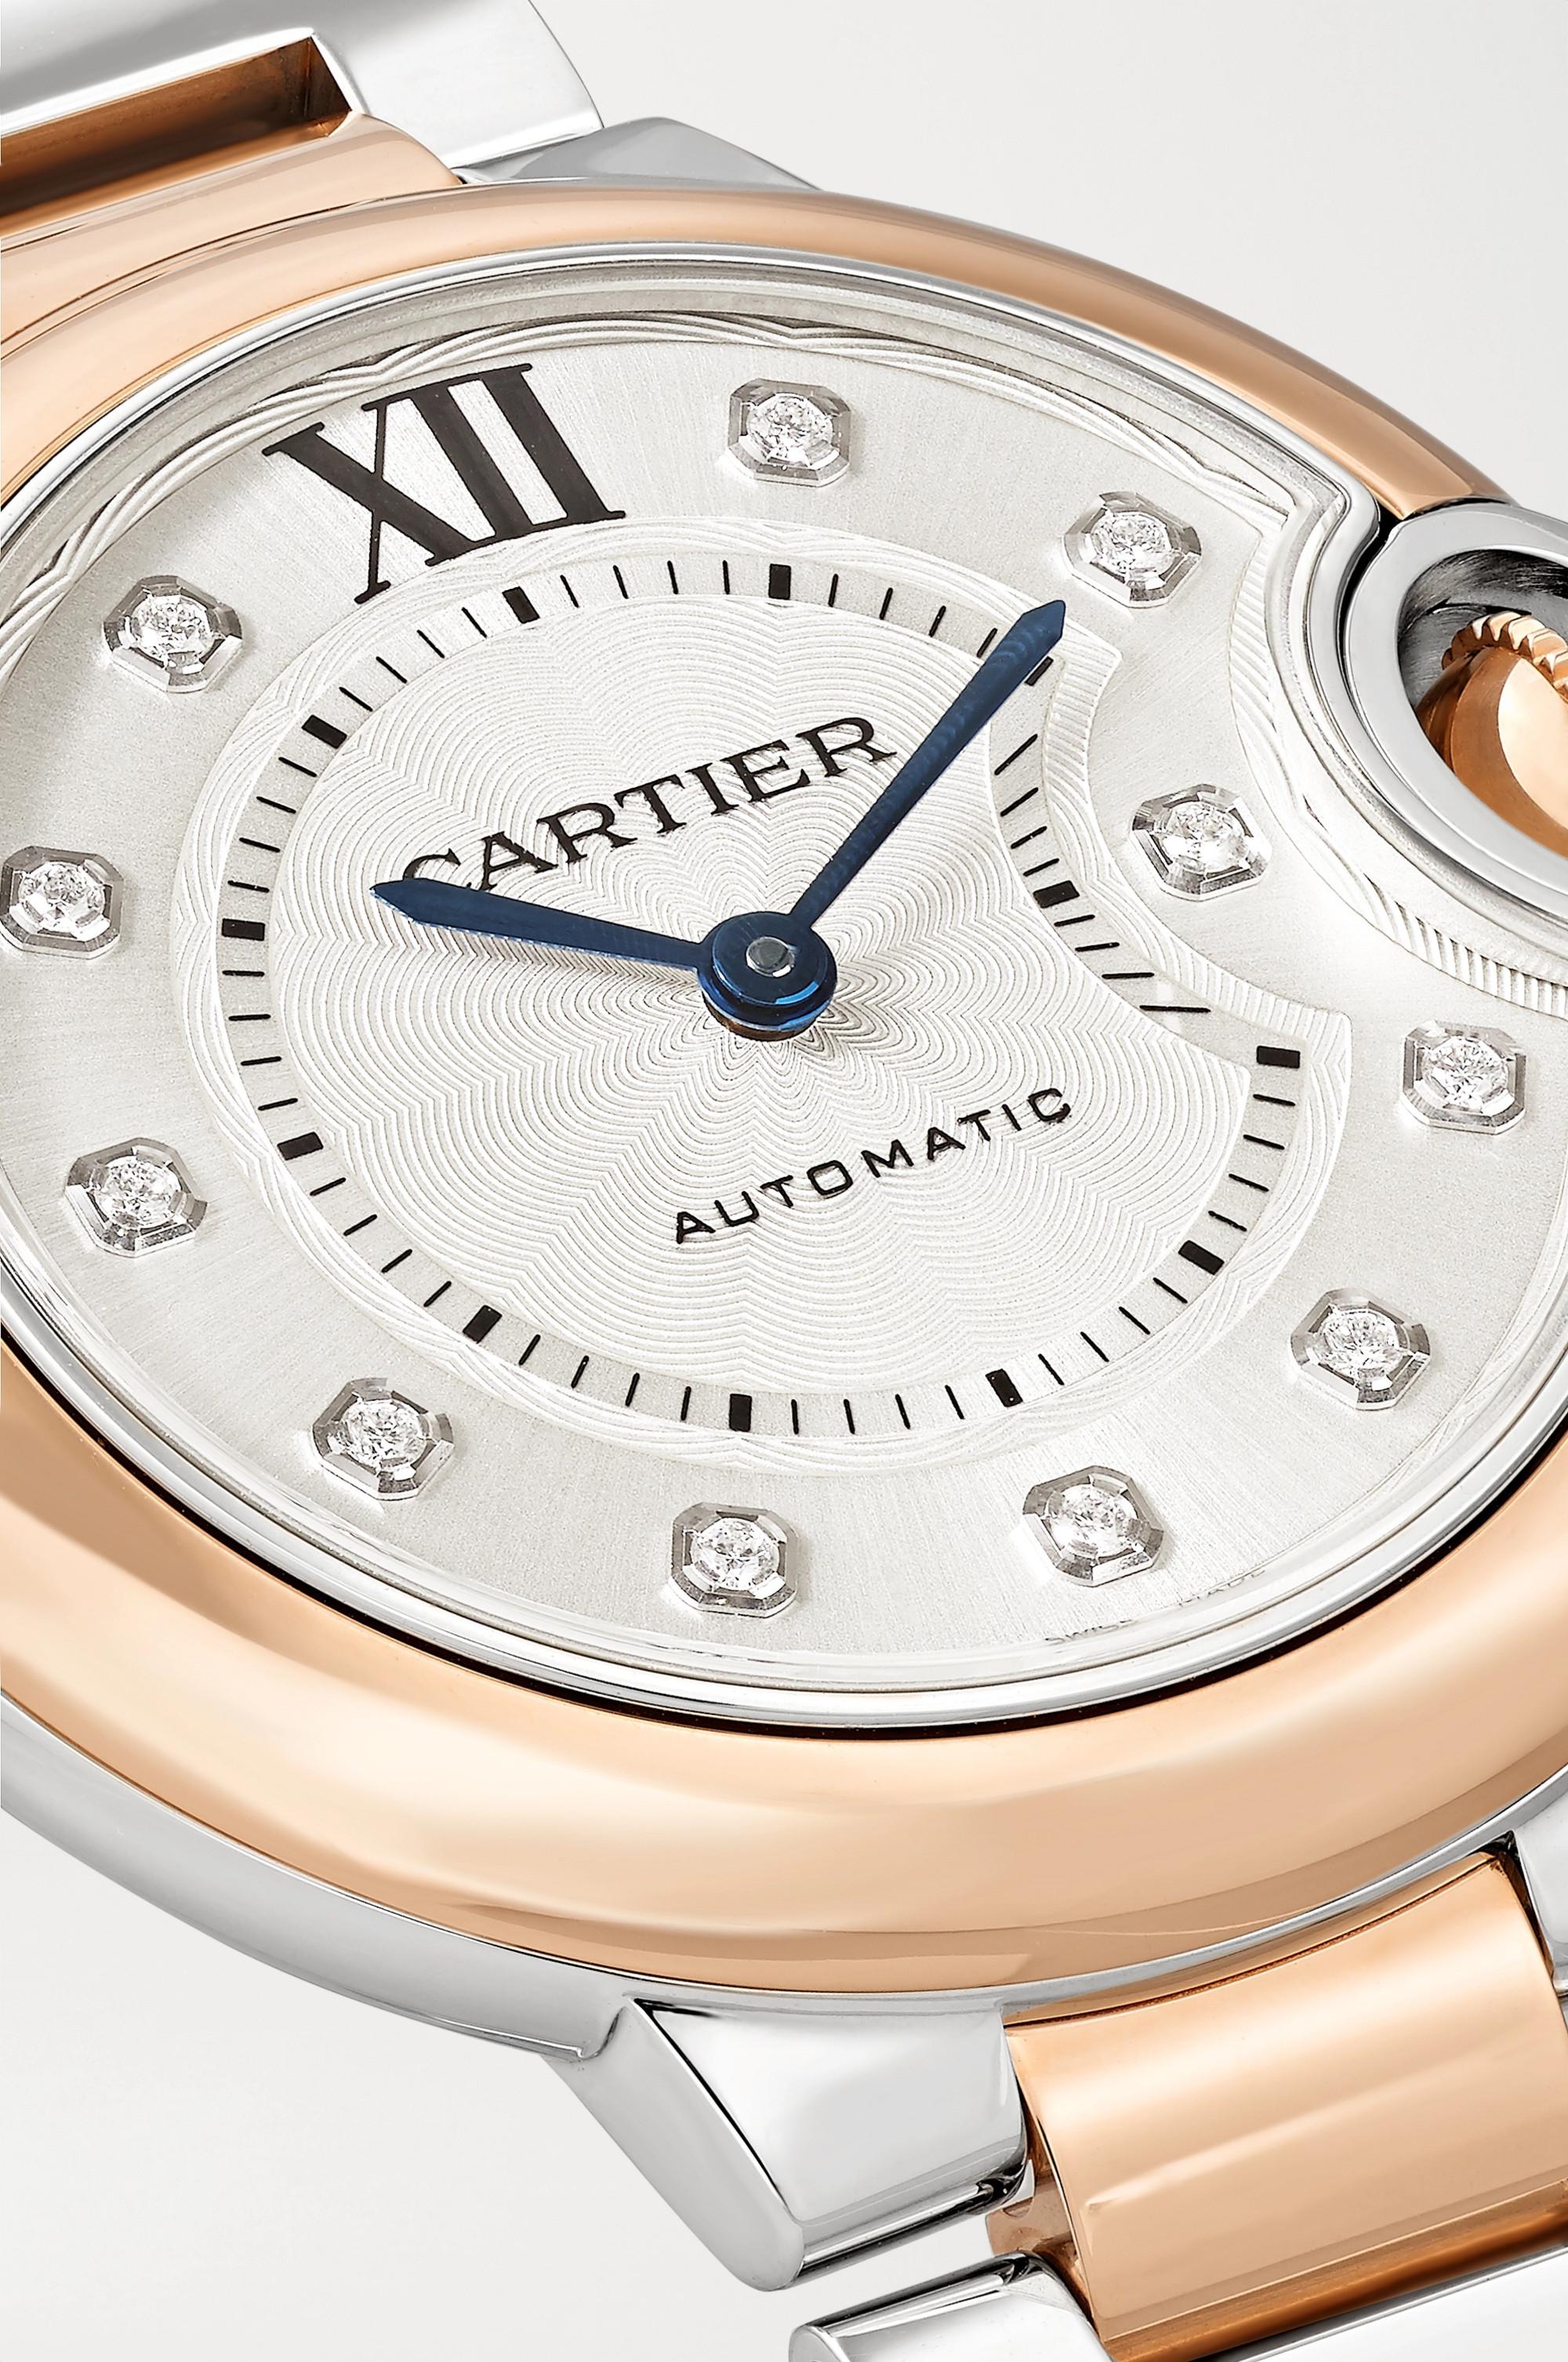 Cartier Ballon Bleu de Cartier Automatic 33mm 18-karat rose gold, stainless steel and diamond watch